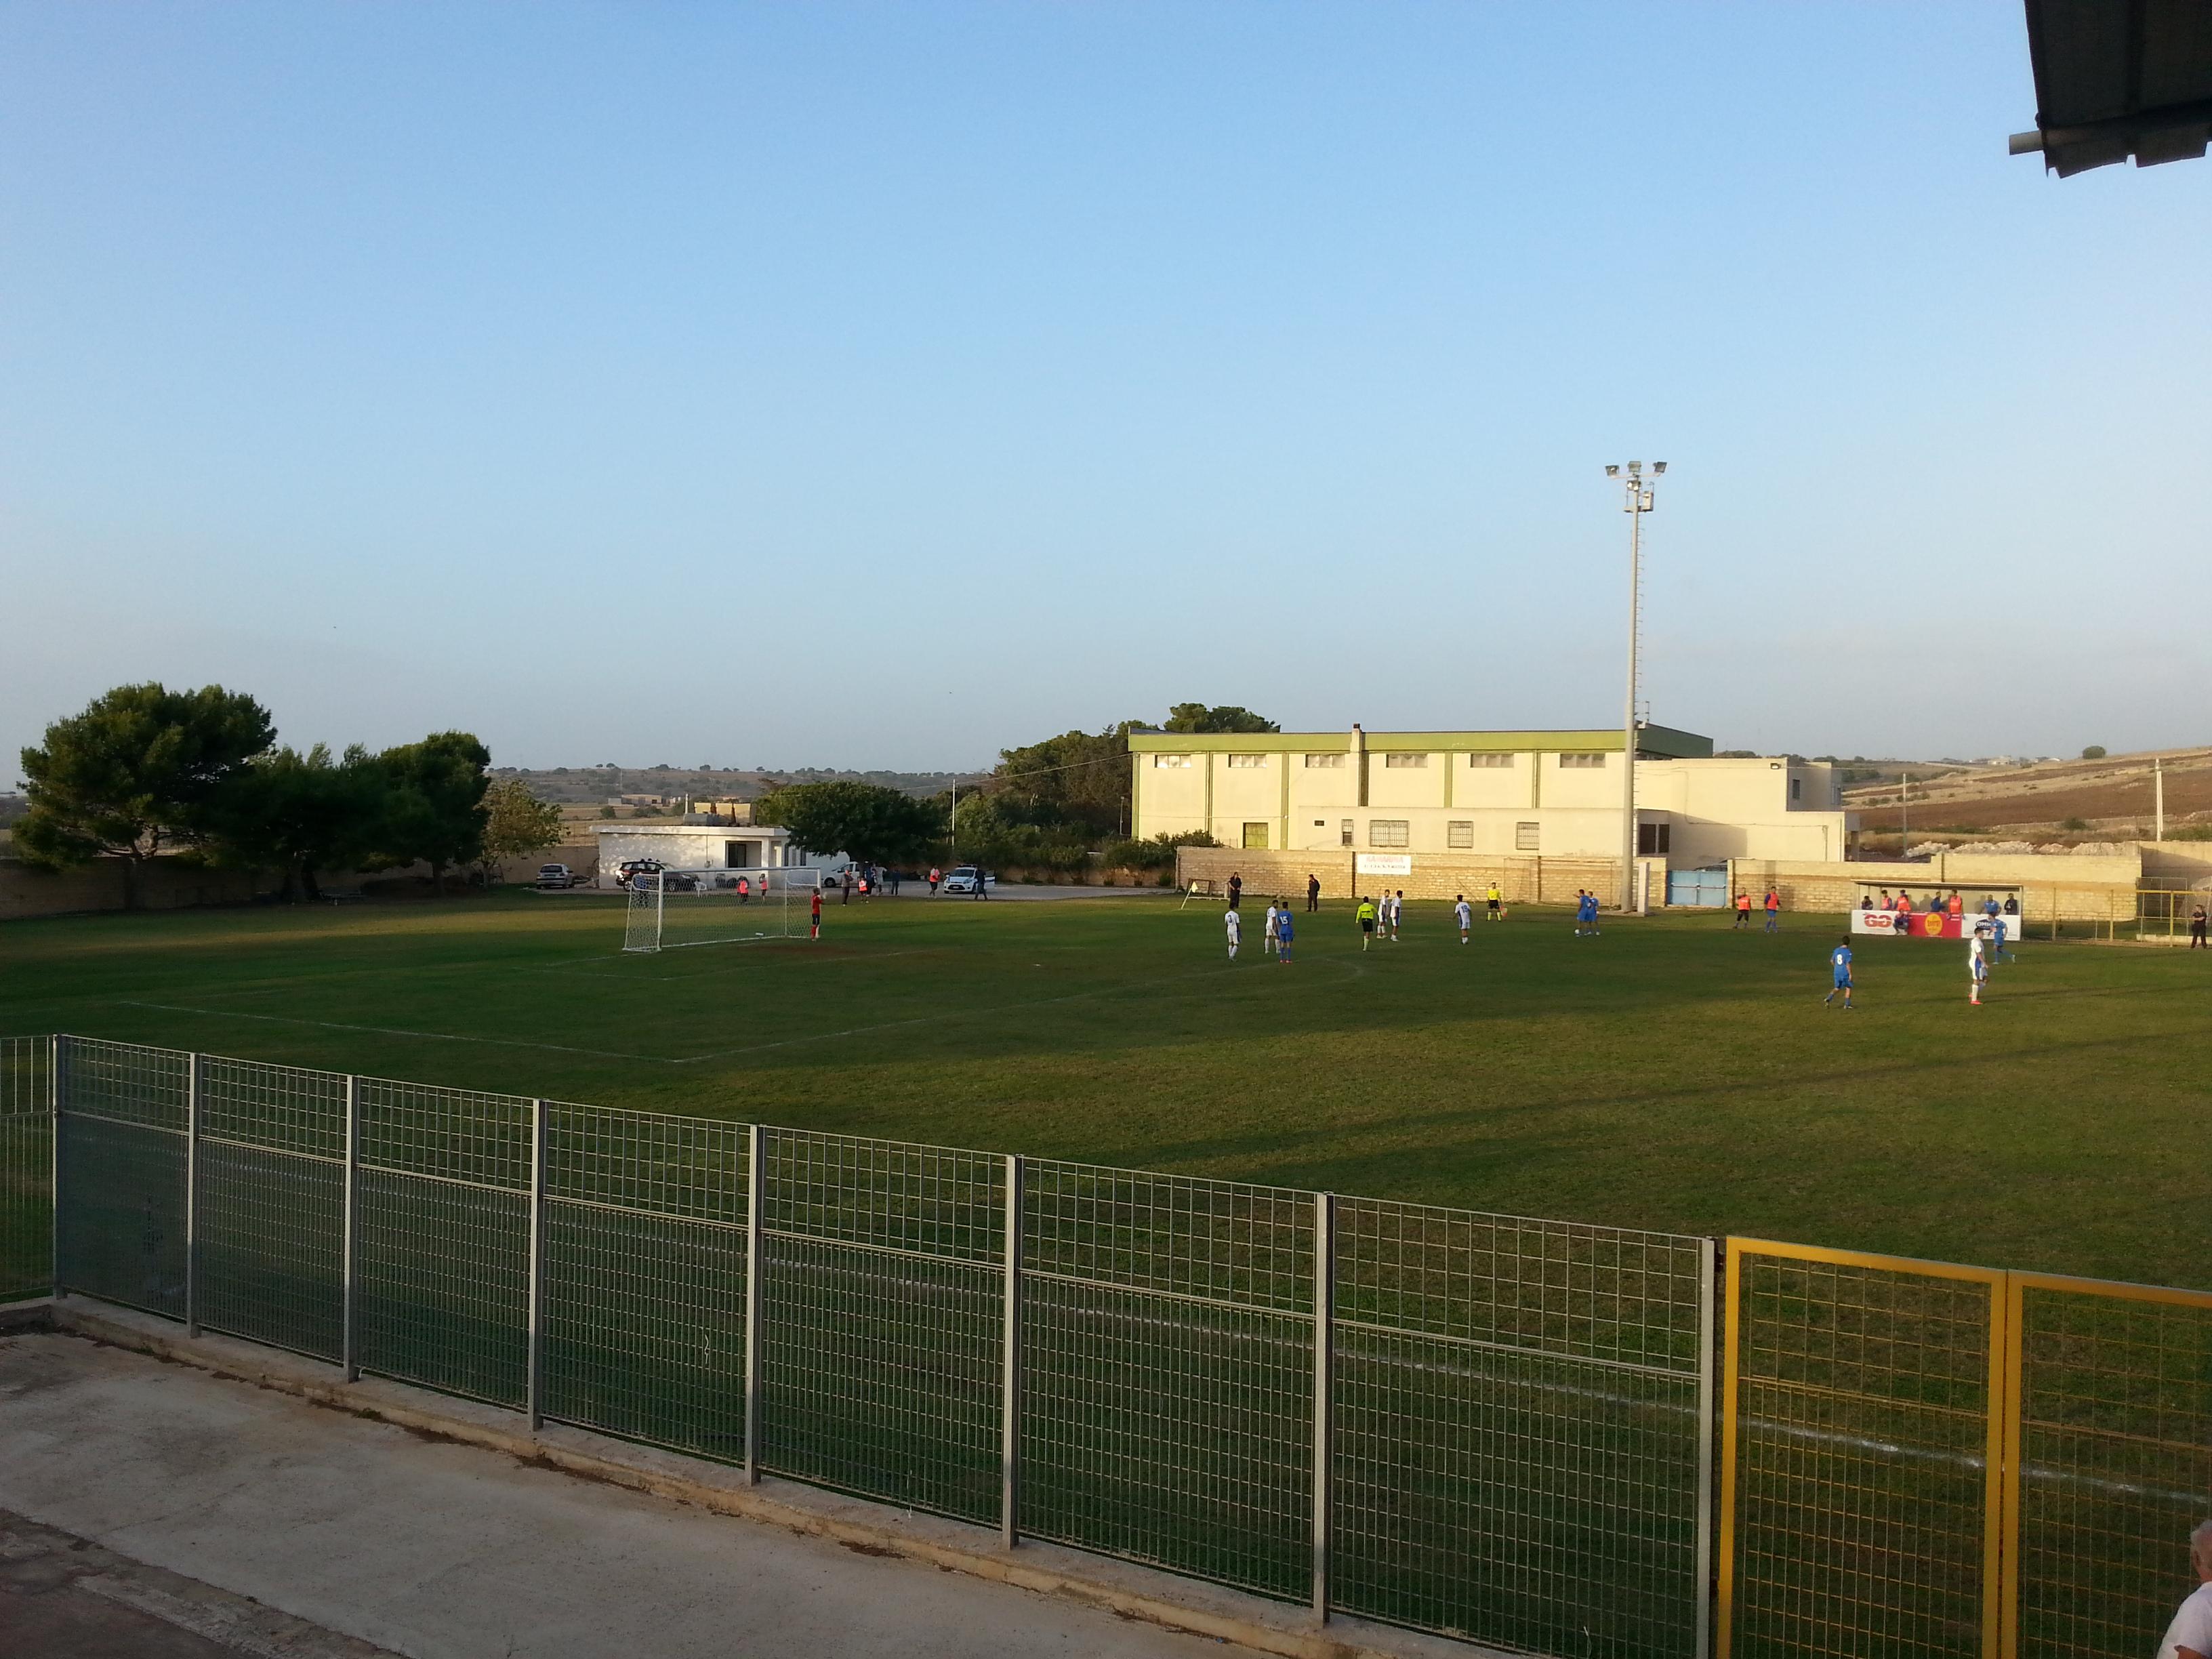 Calcio, il Santa Croce completa la rimonta e sbatte fuori dalla Coppa Italia il Ragusa: decide Bonarrigo